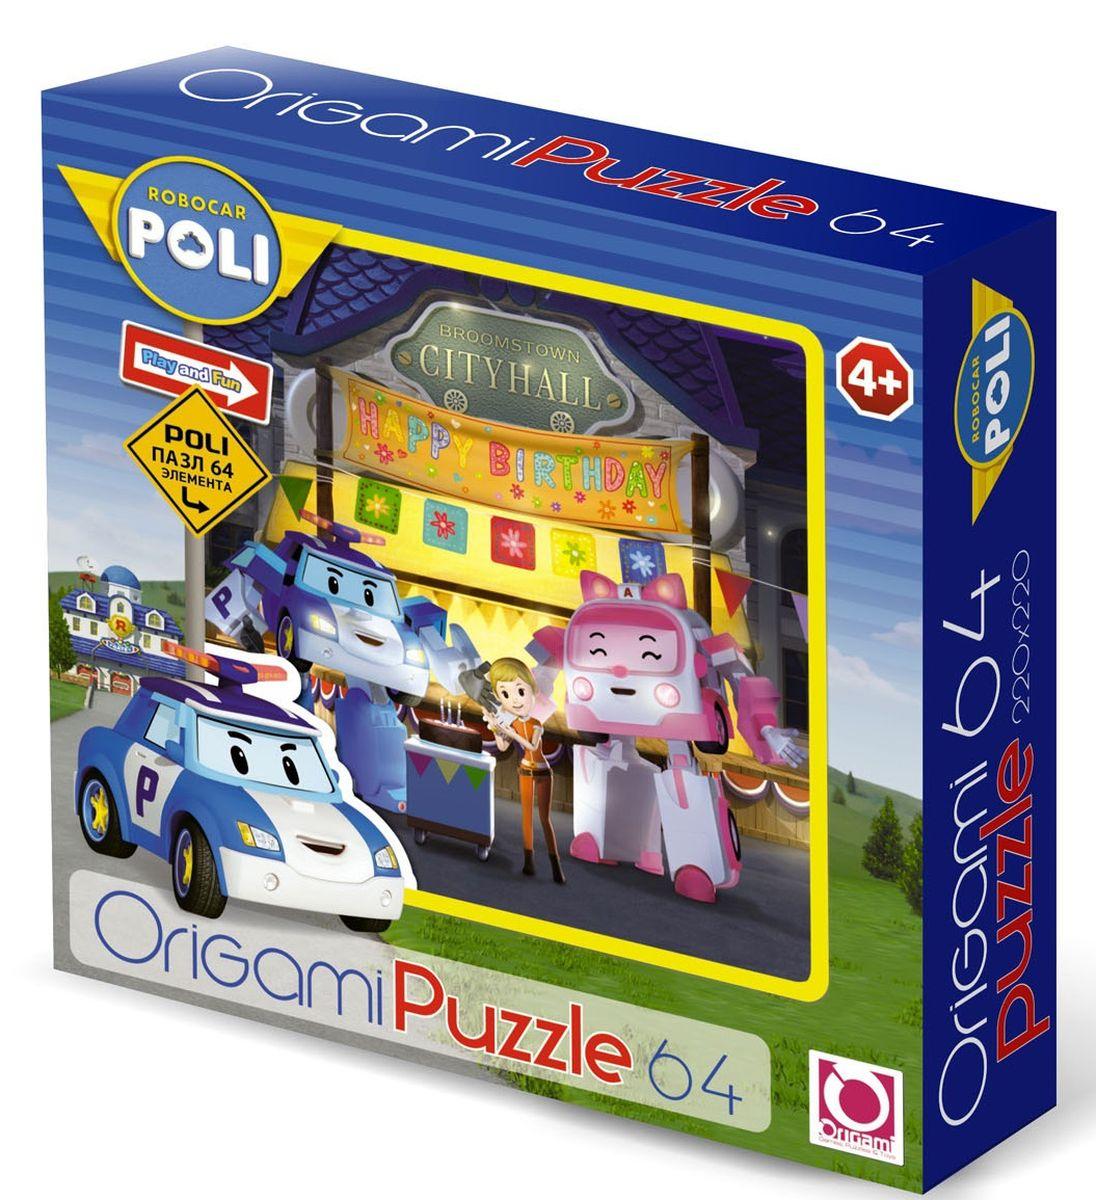 Оригами Пазл для малышей Robocar Poli 05904 пазл 3d 216 элементов оригами эйфелева башня